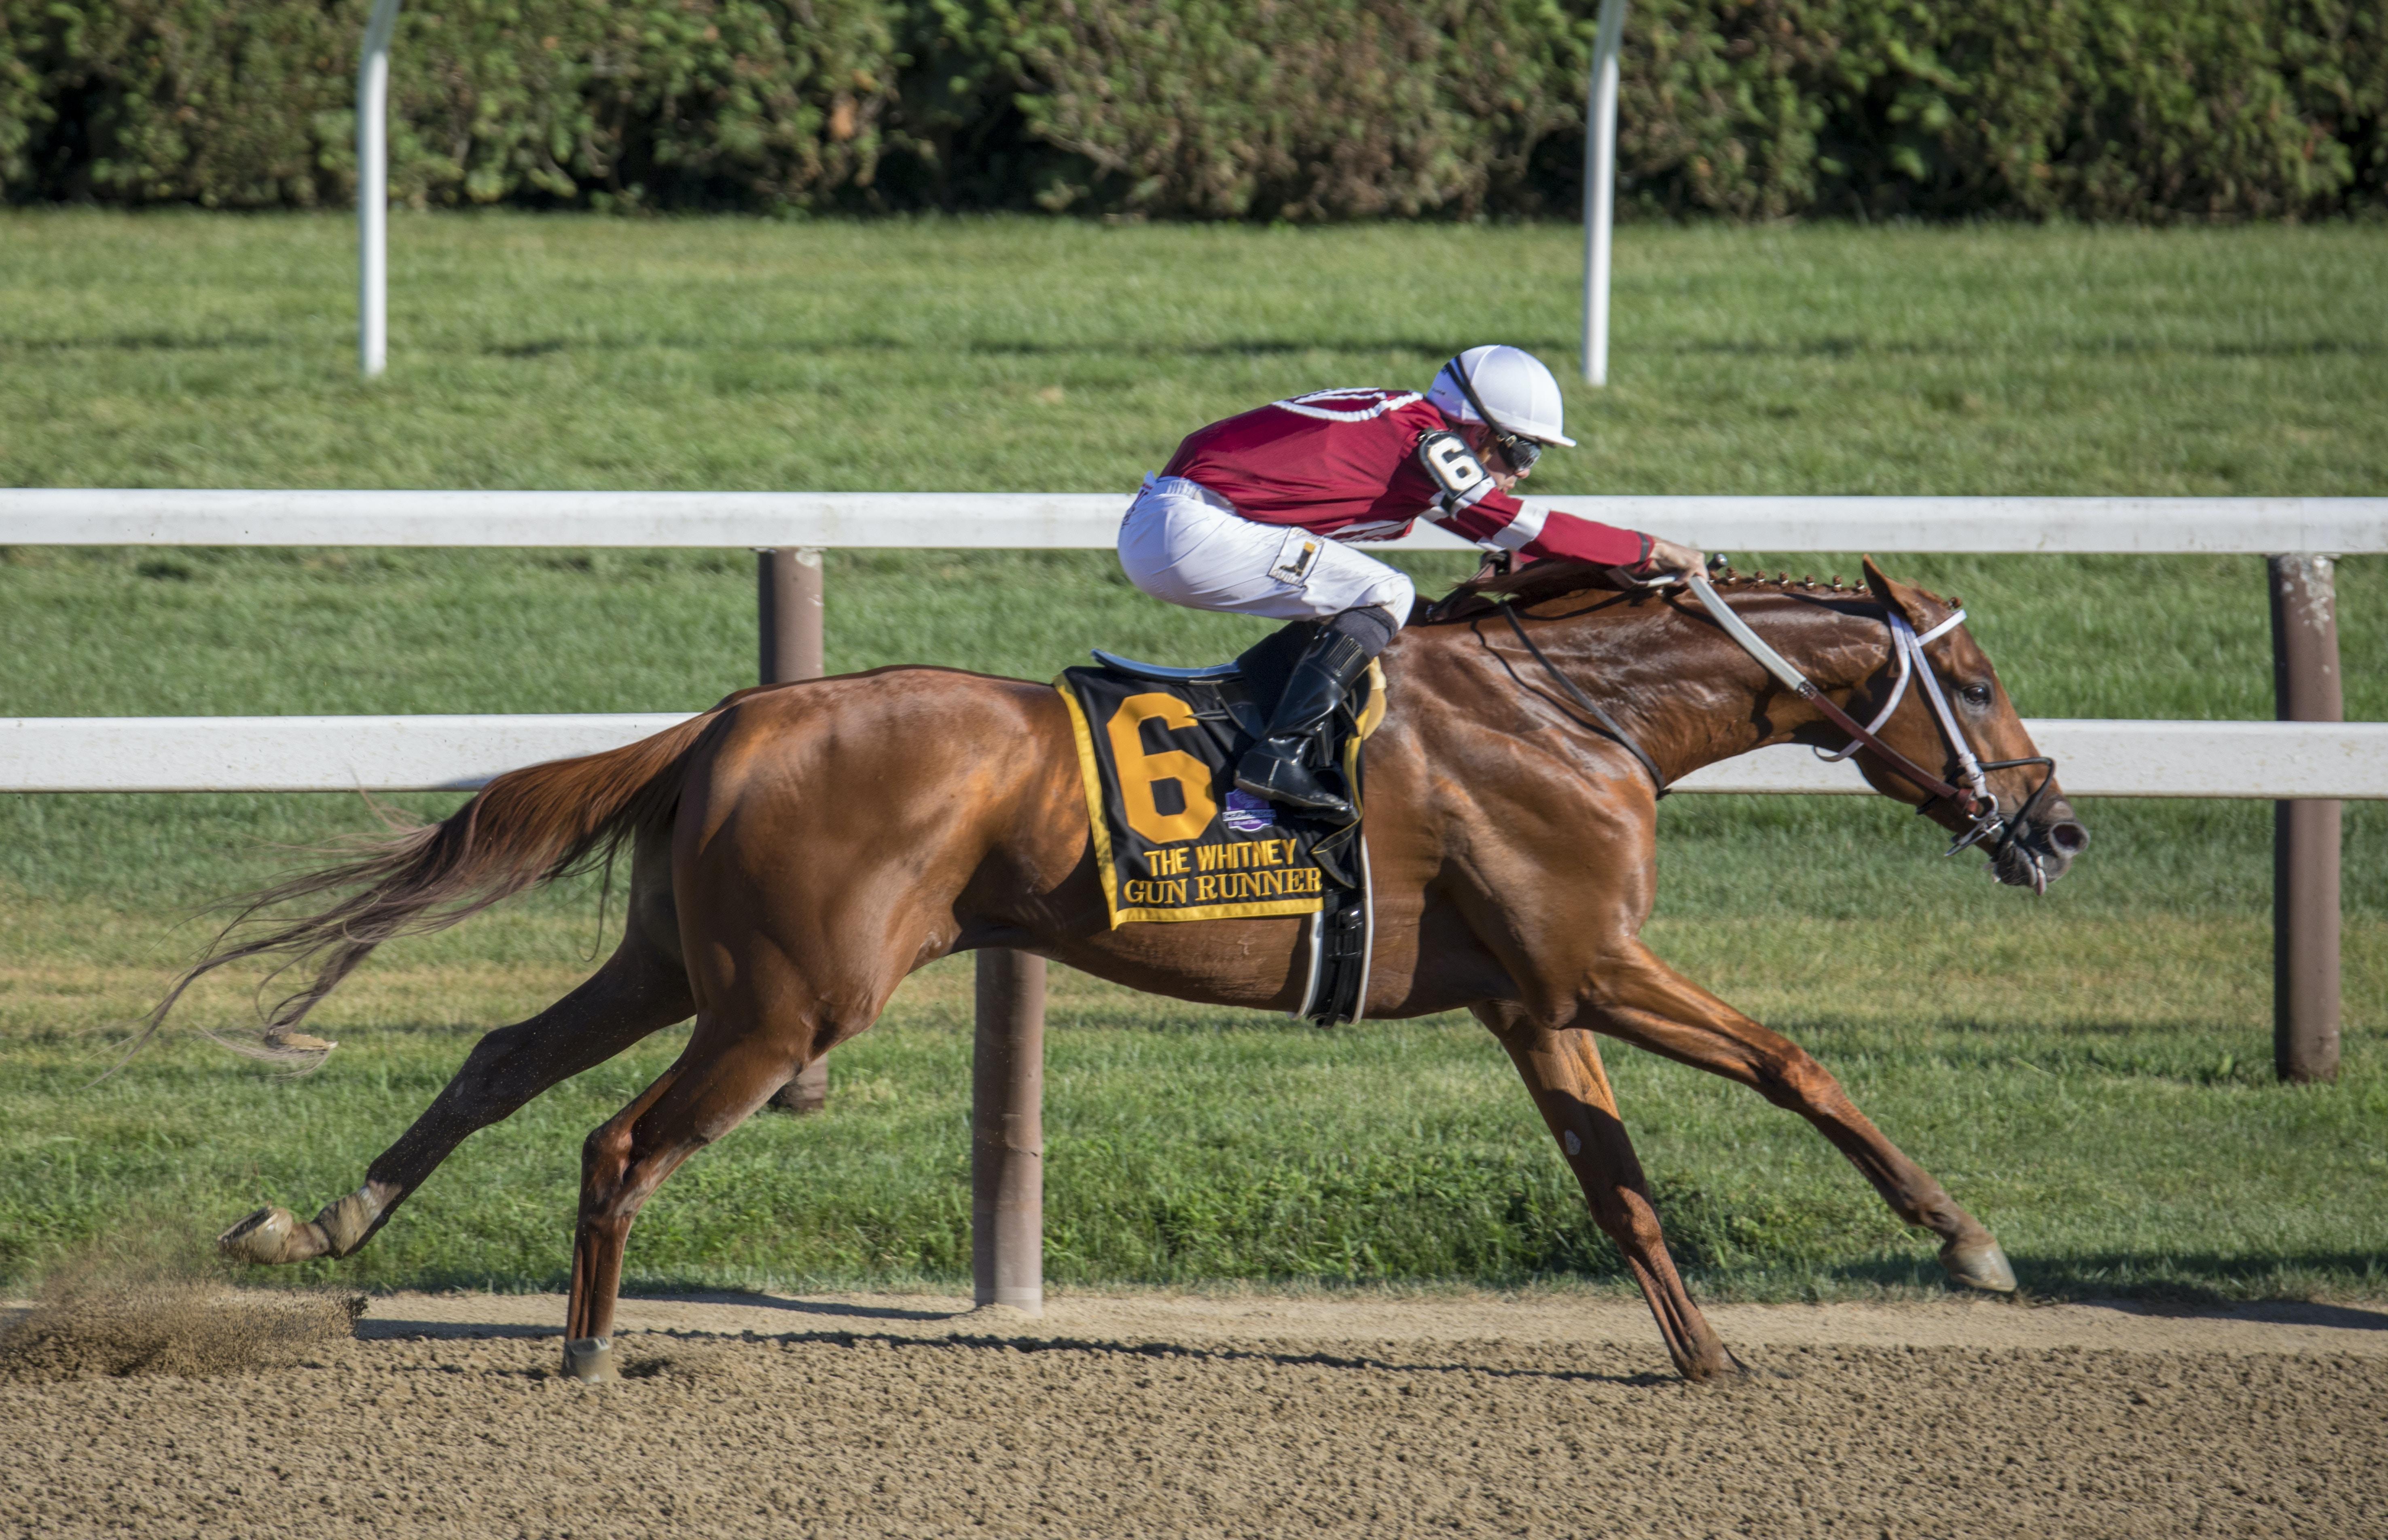 Jockey riding horse